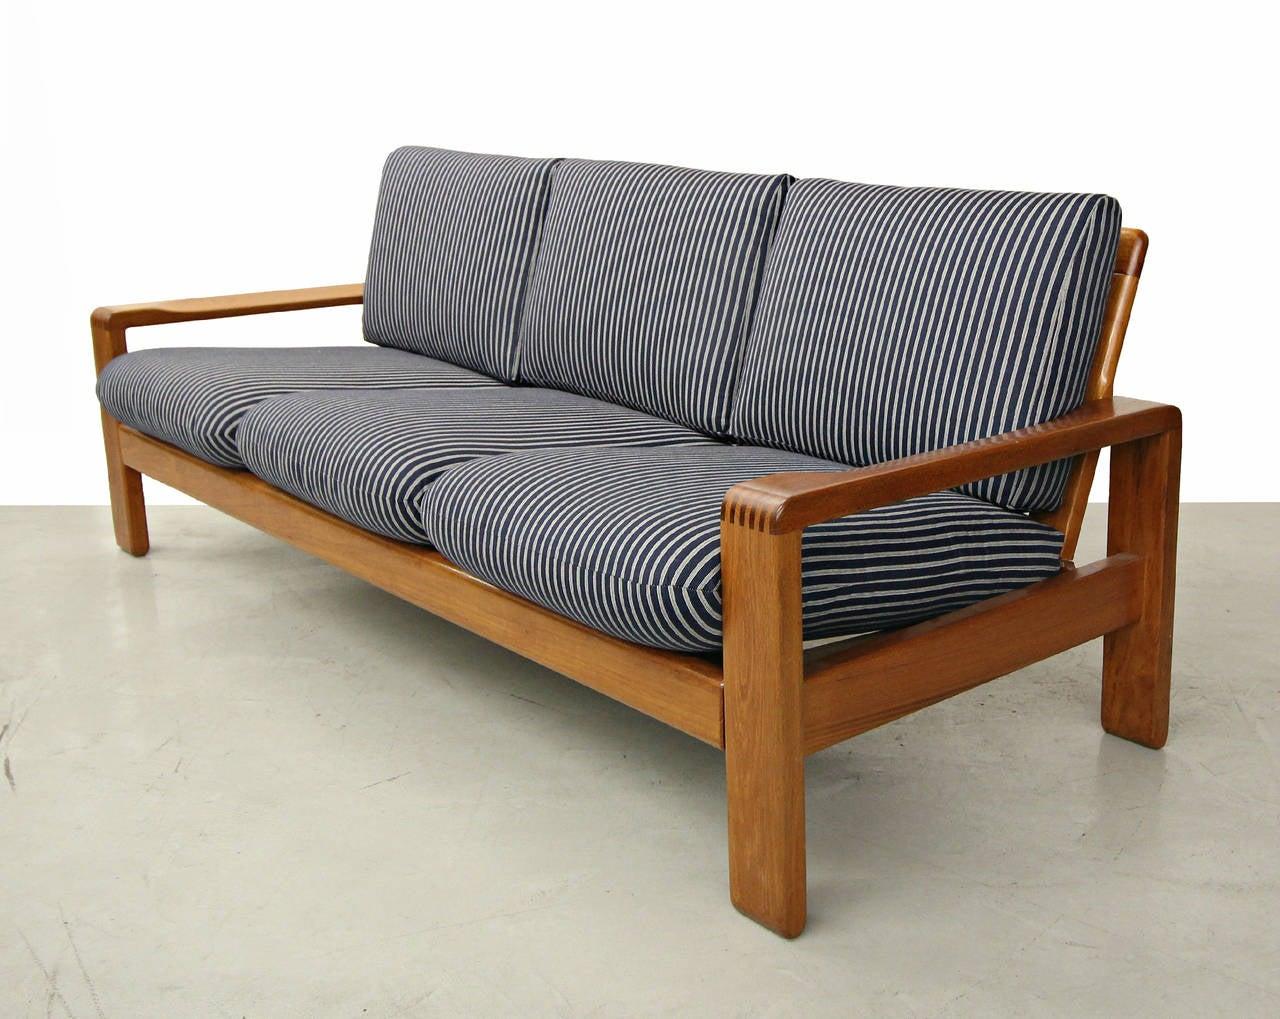 solid danish teak slat back sofa by hw klein for bramin. Black Bedroom Furniture Sets. Home Design Ideas